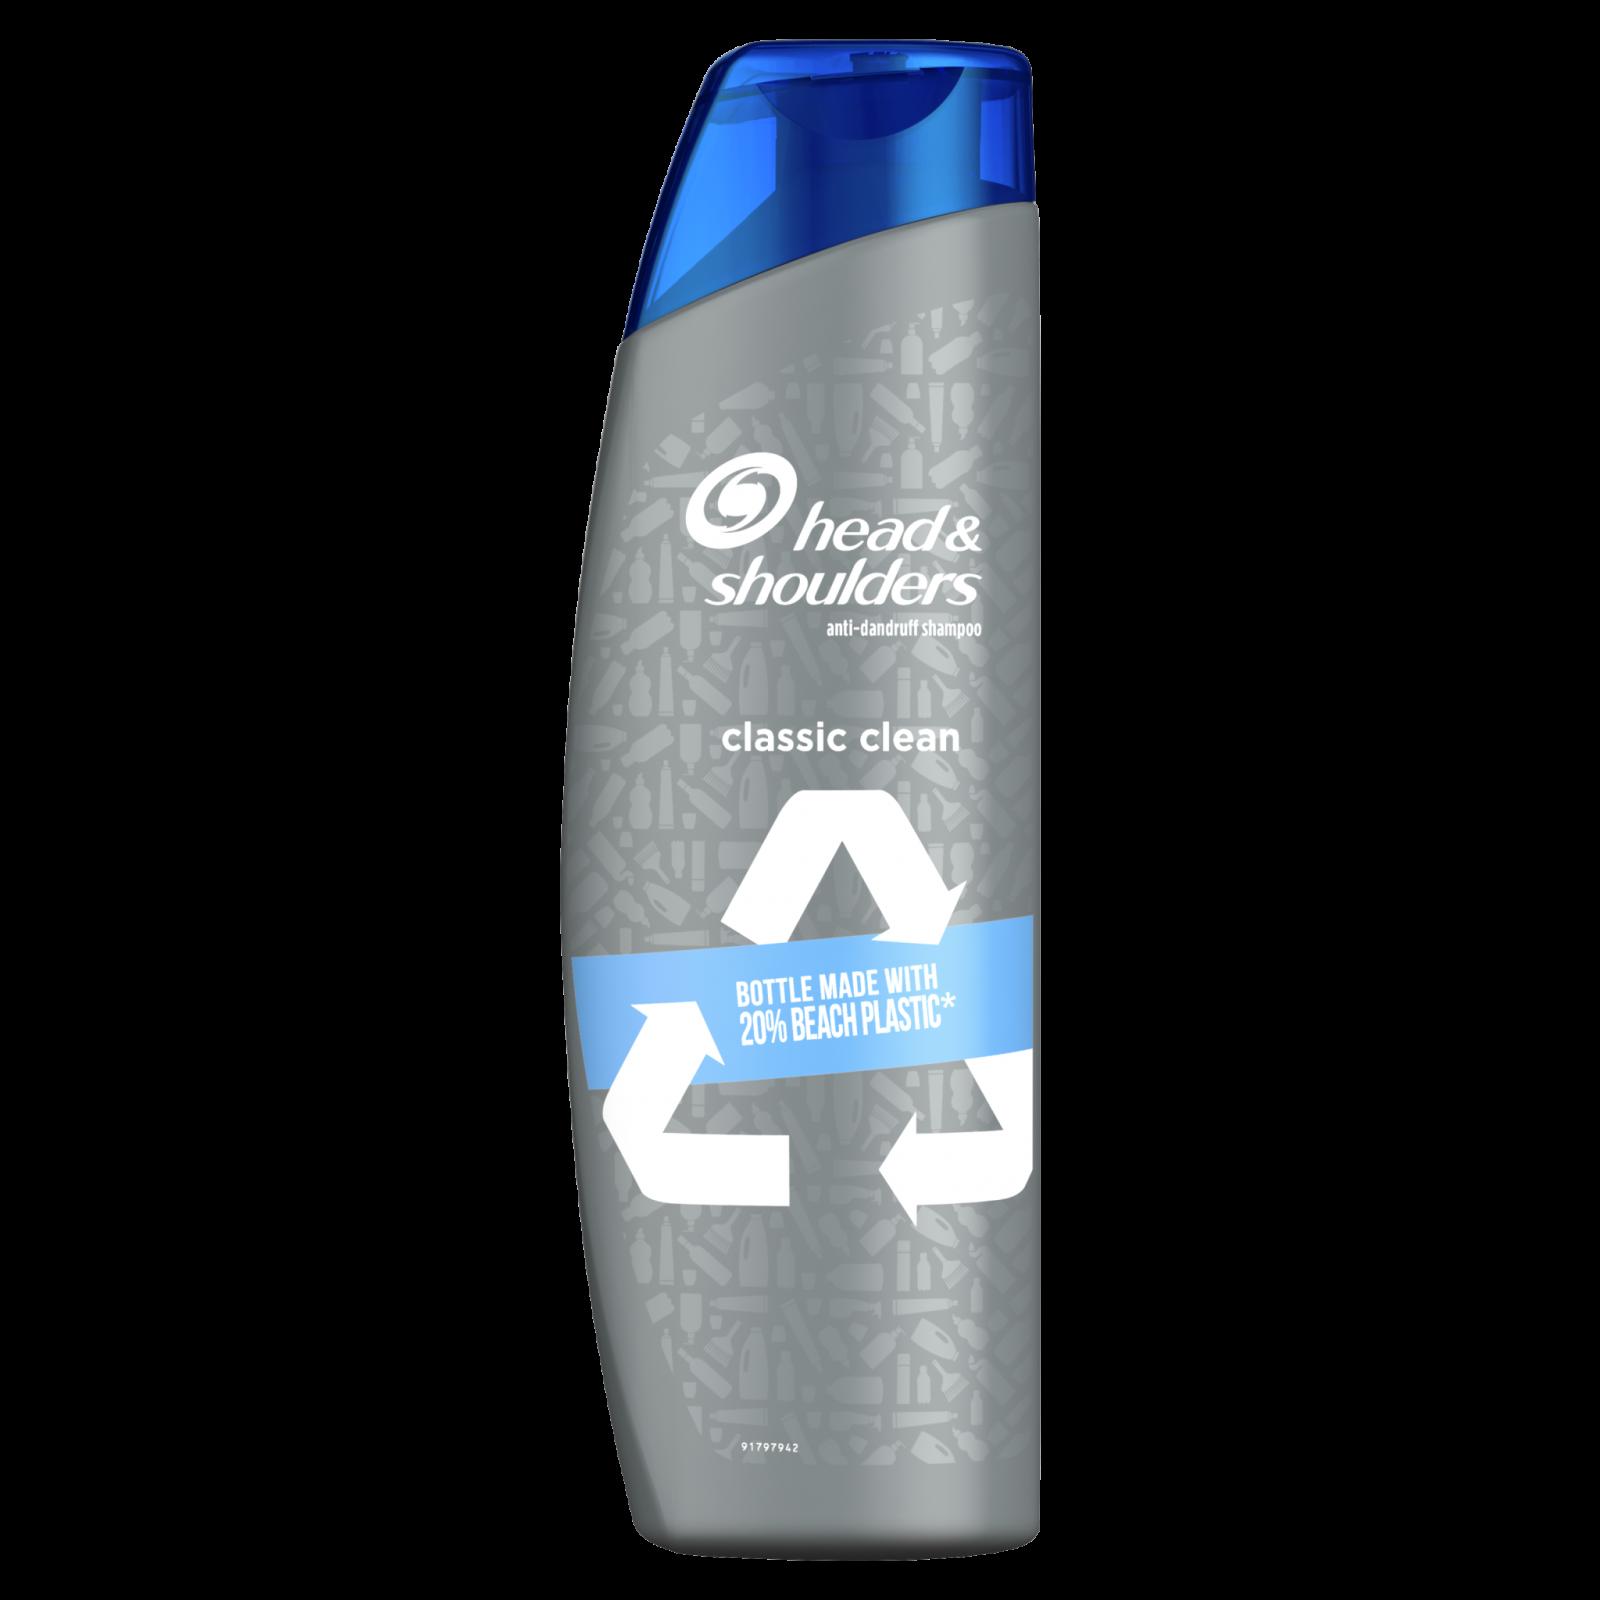 W nowej butelce zastosowano tworzywo sztuczne HDPE, dzięki czemu butelka może być poddana ponownemu recyklingowi równiez po użyciu. (Fot. materiały prasowe)